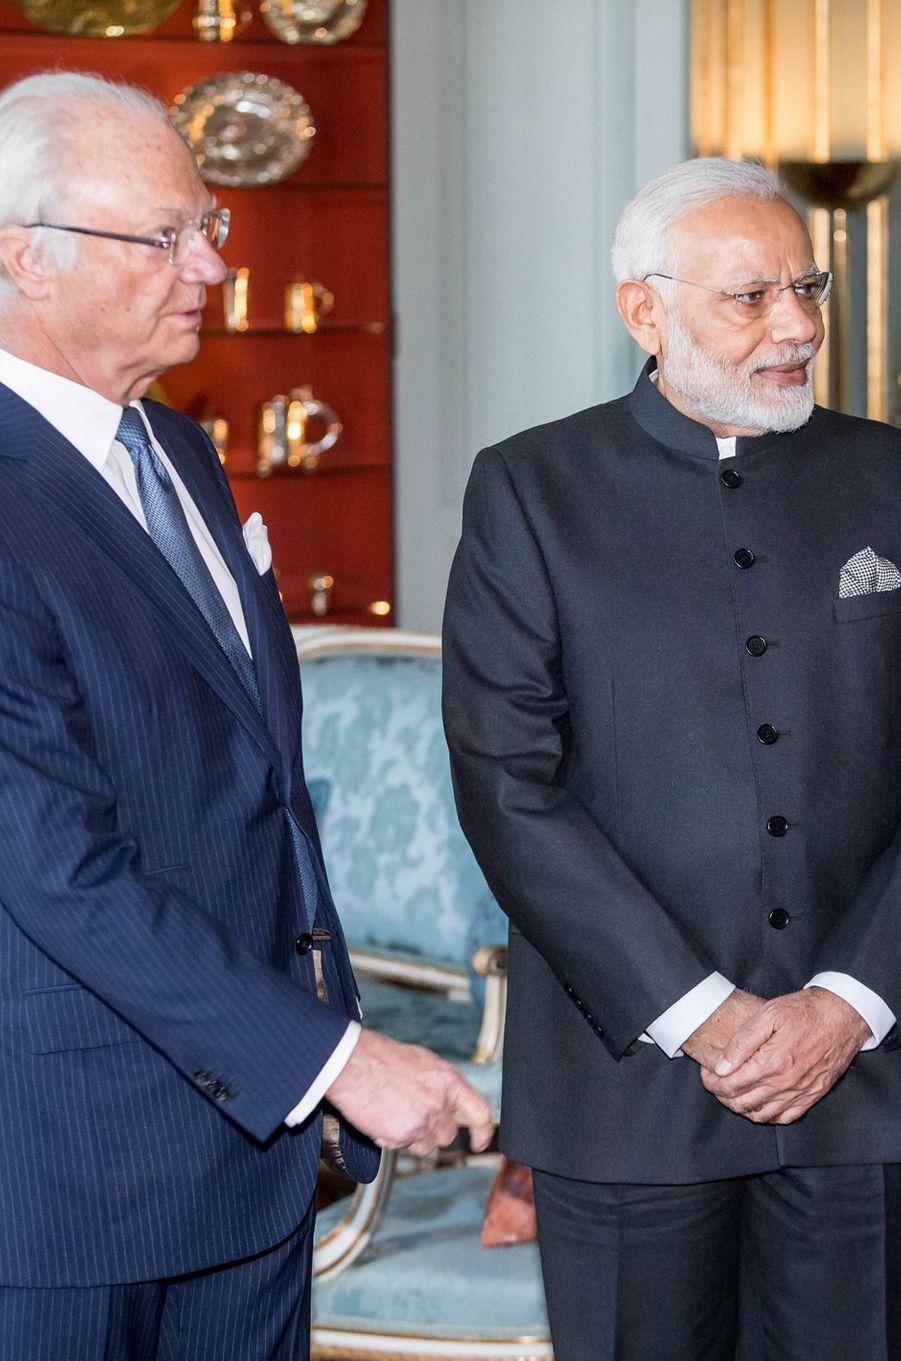 Le roi Carl XVI Gustaf de Suède avec le Premier ministre indien à Stockholm, le 17 avril 2018